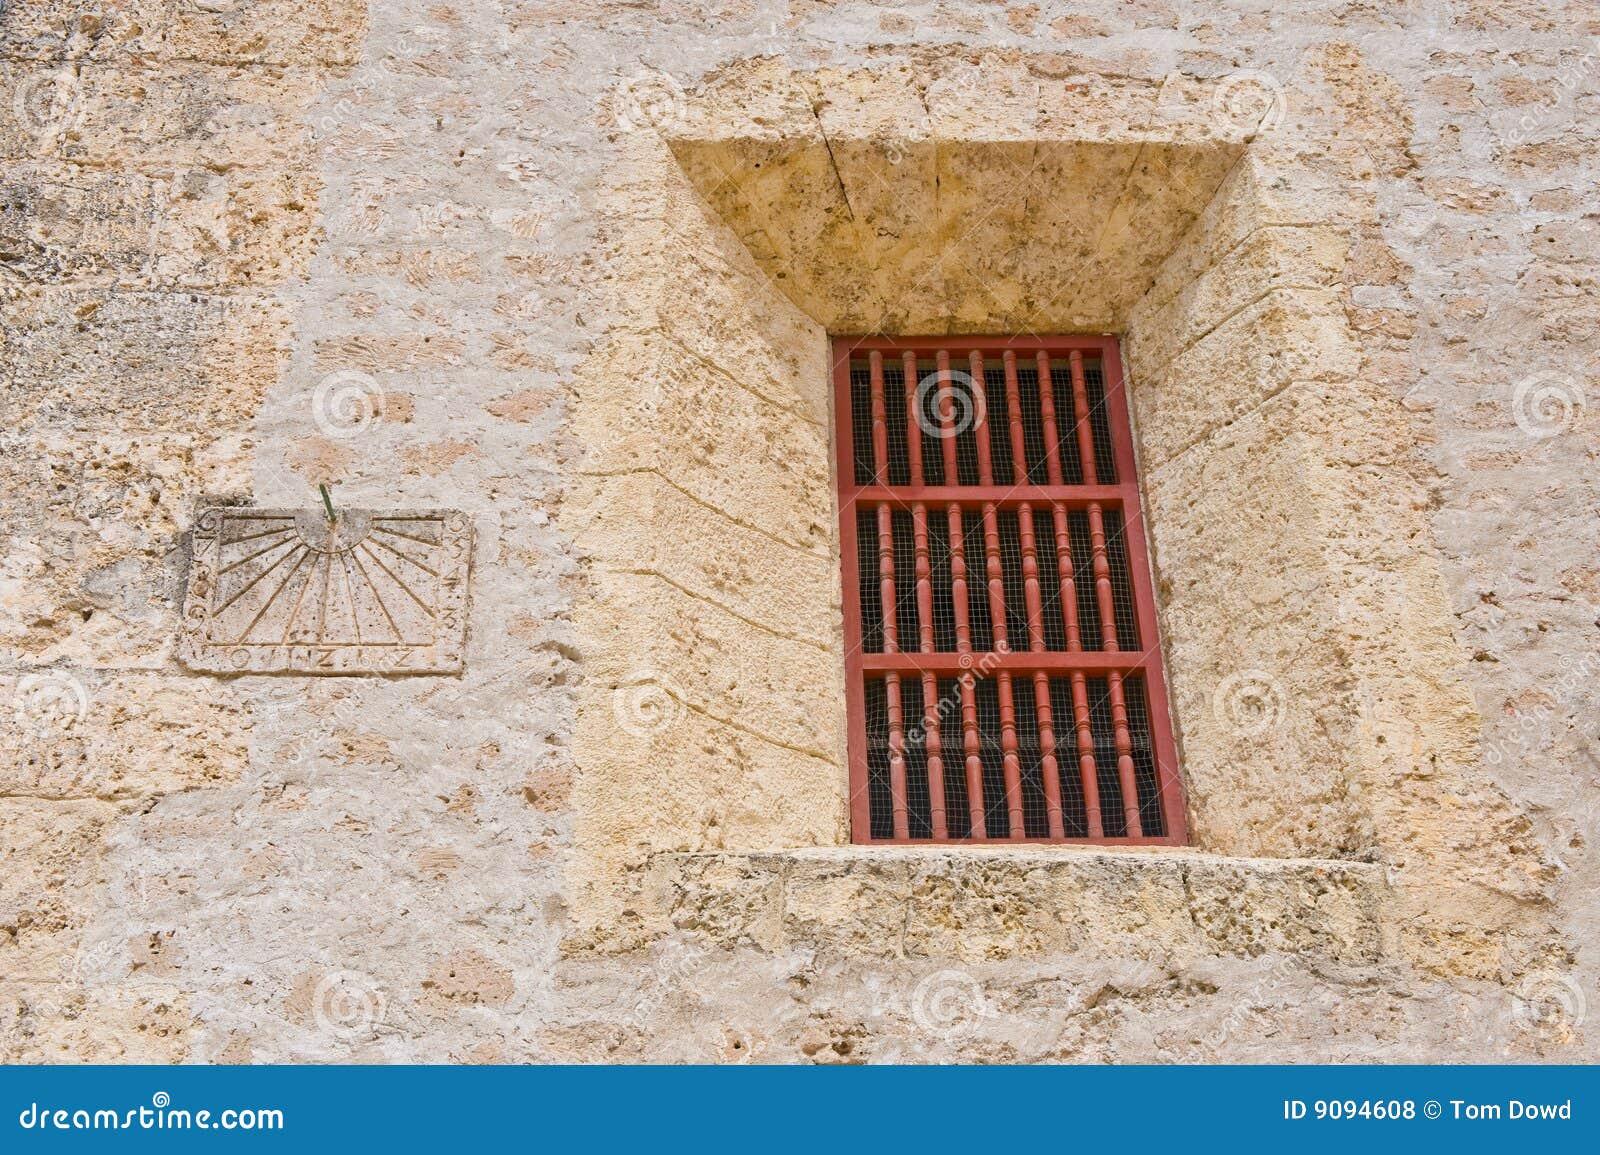 Äußeres des Gefängniszellenfensters